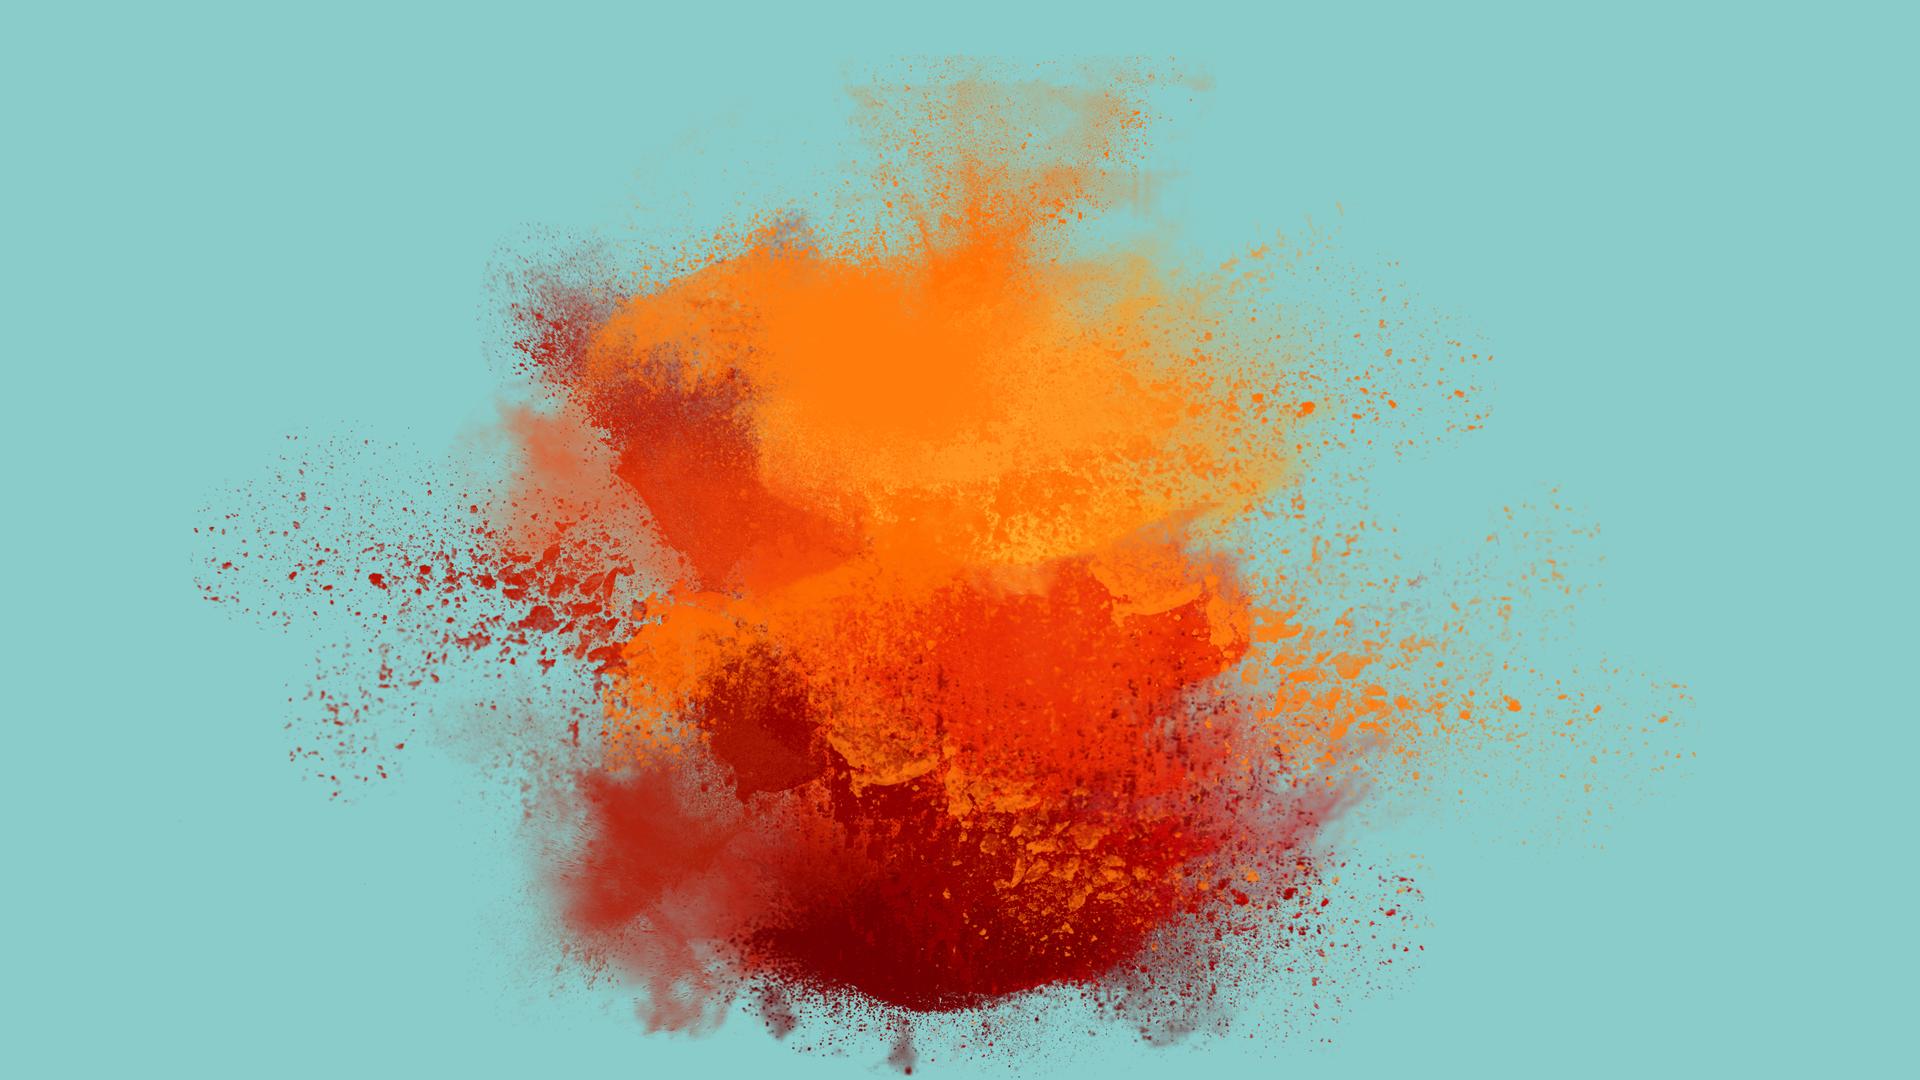 pomodoro_splash-after